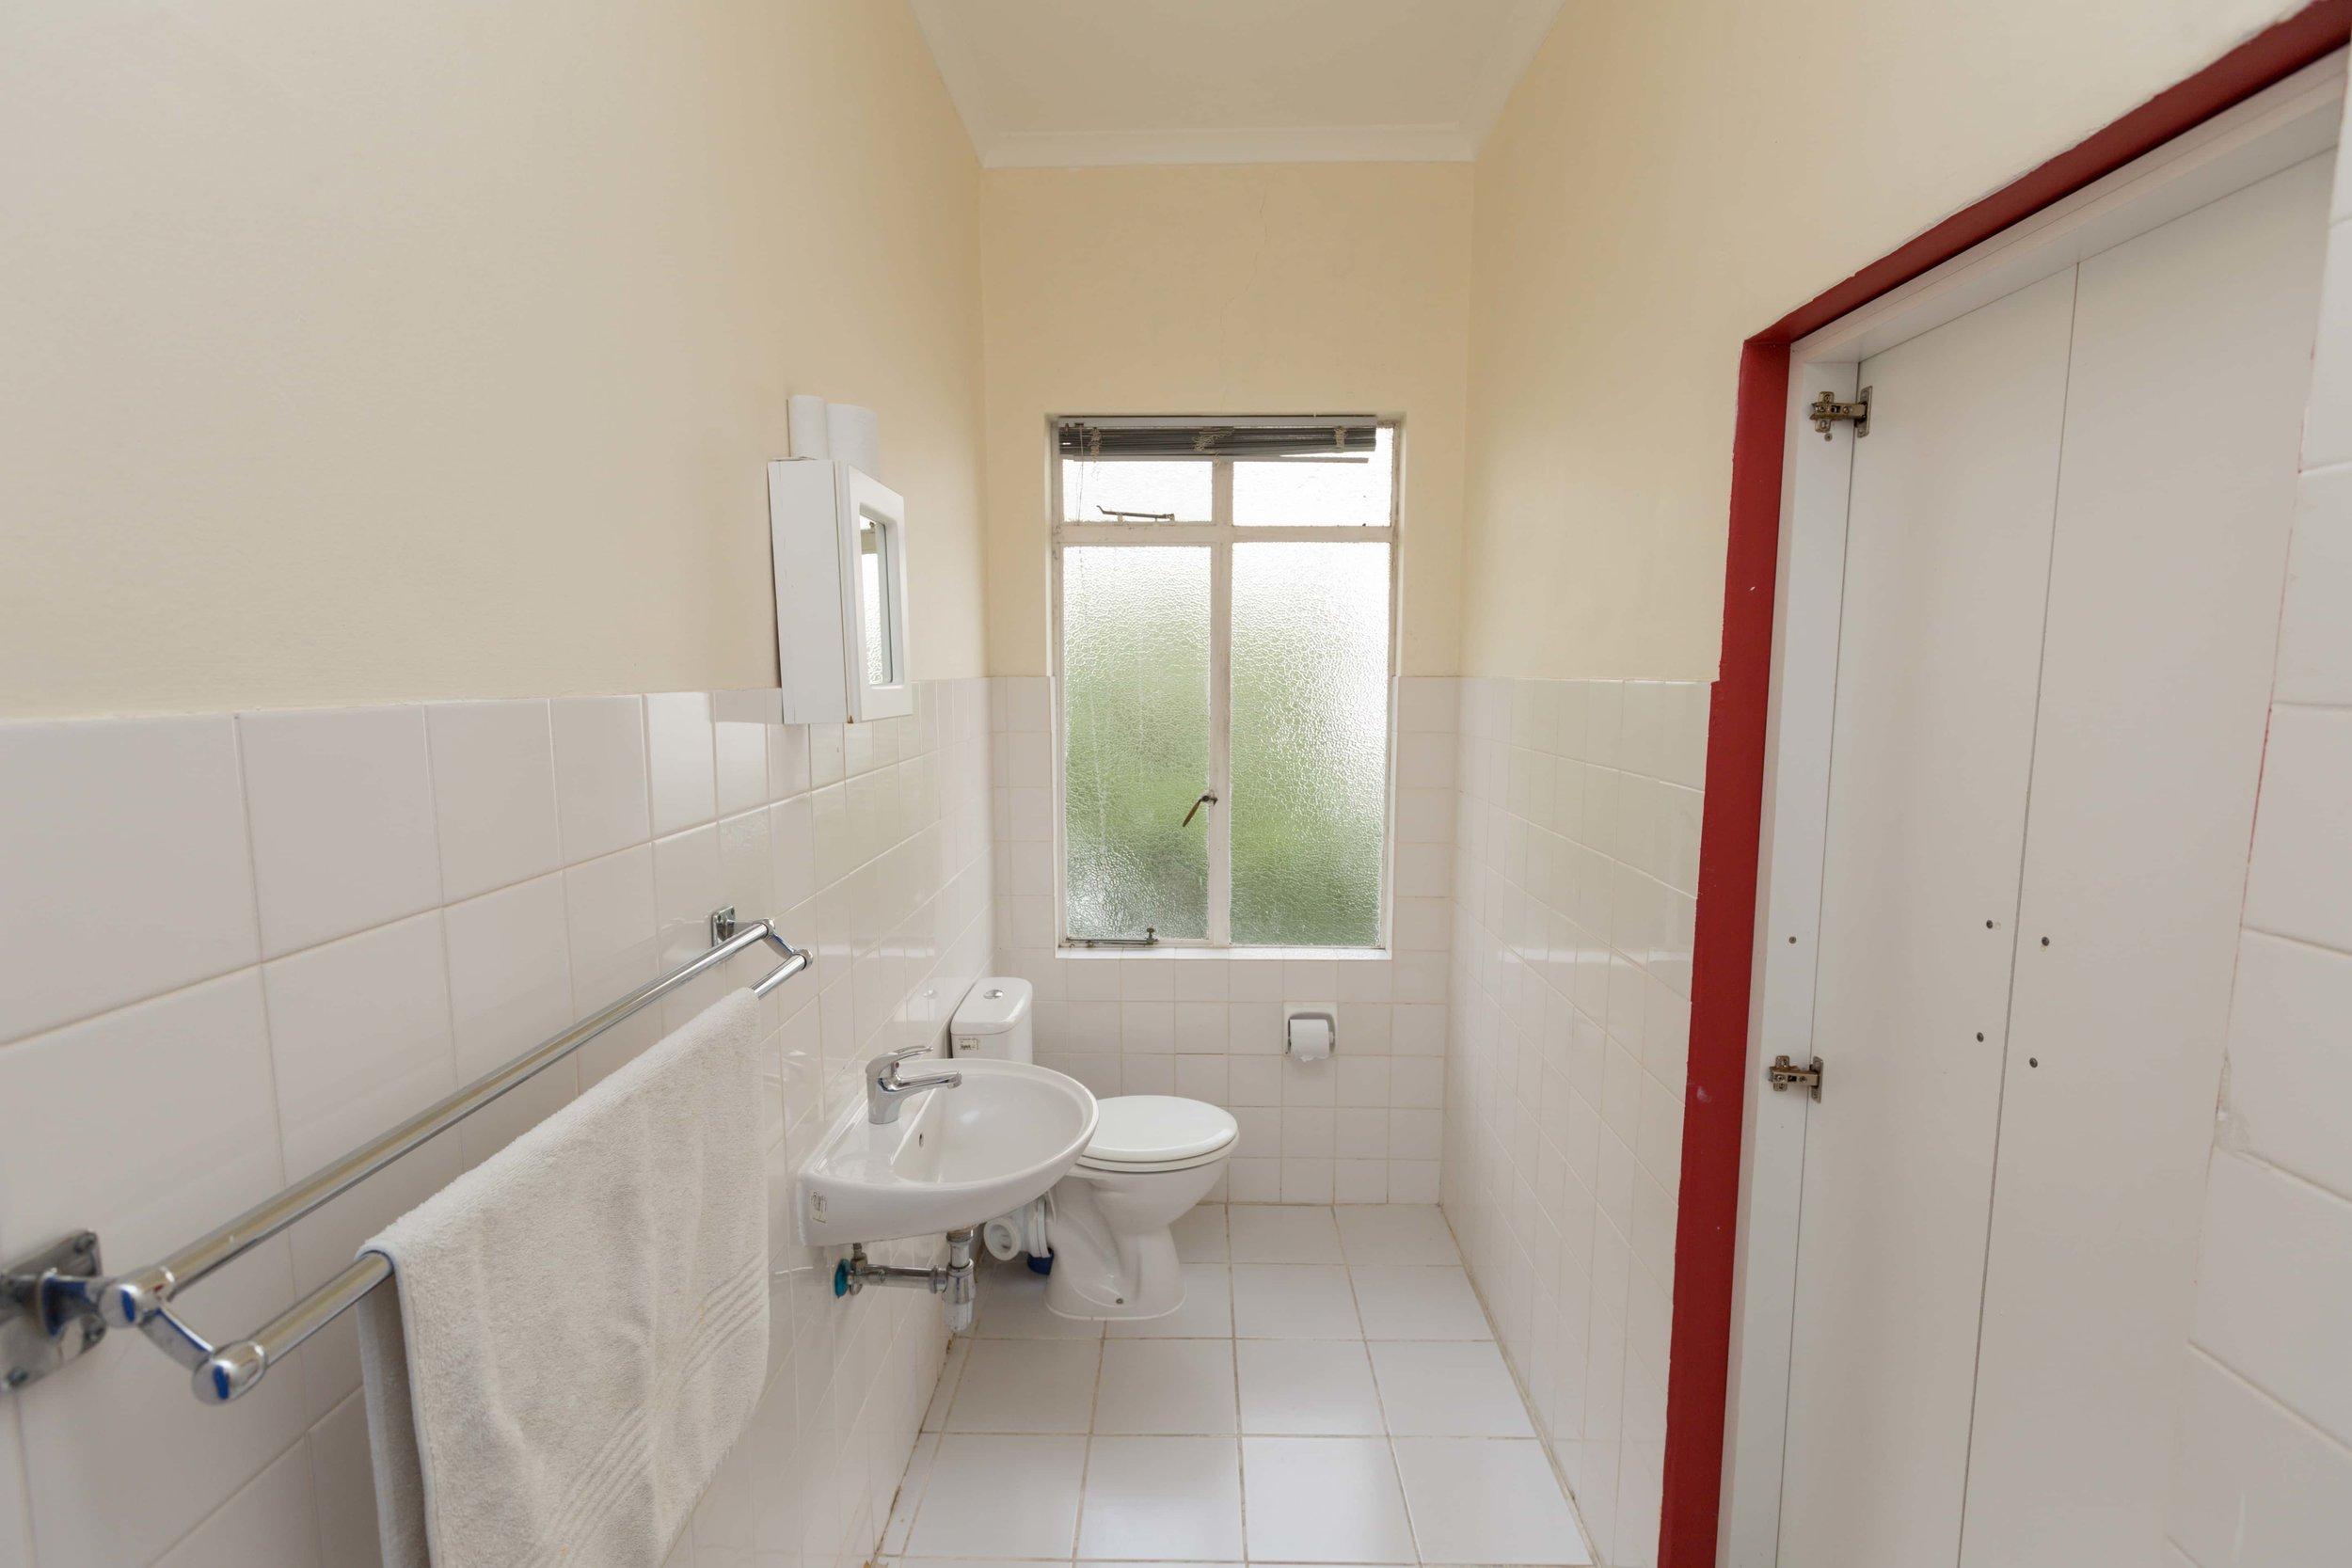 LAL-CPT-Accom-On-site-residence-678-min.jpg